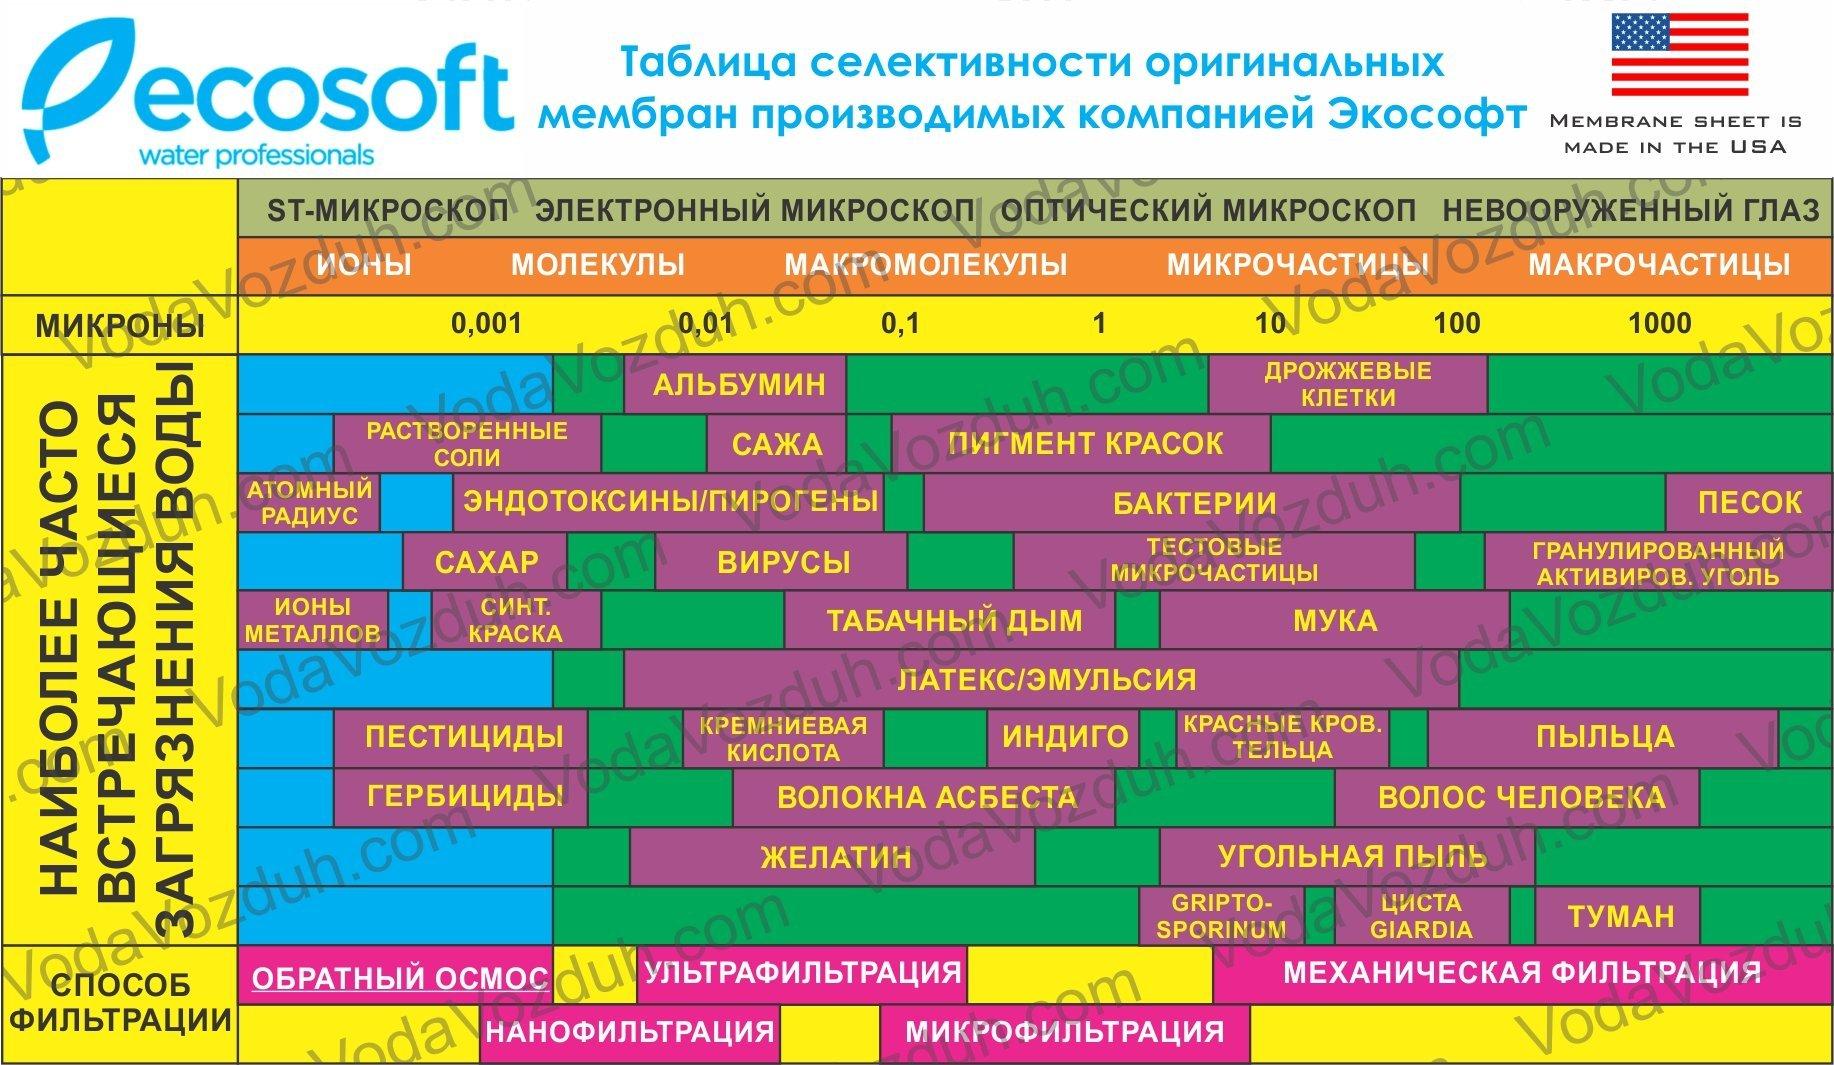 характеристики мембраны обратного осмоса Ecosoft